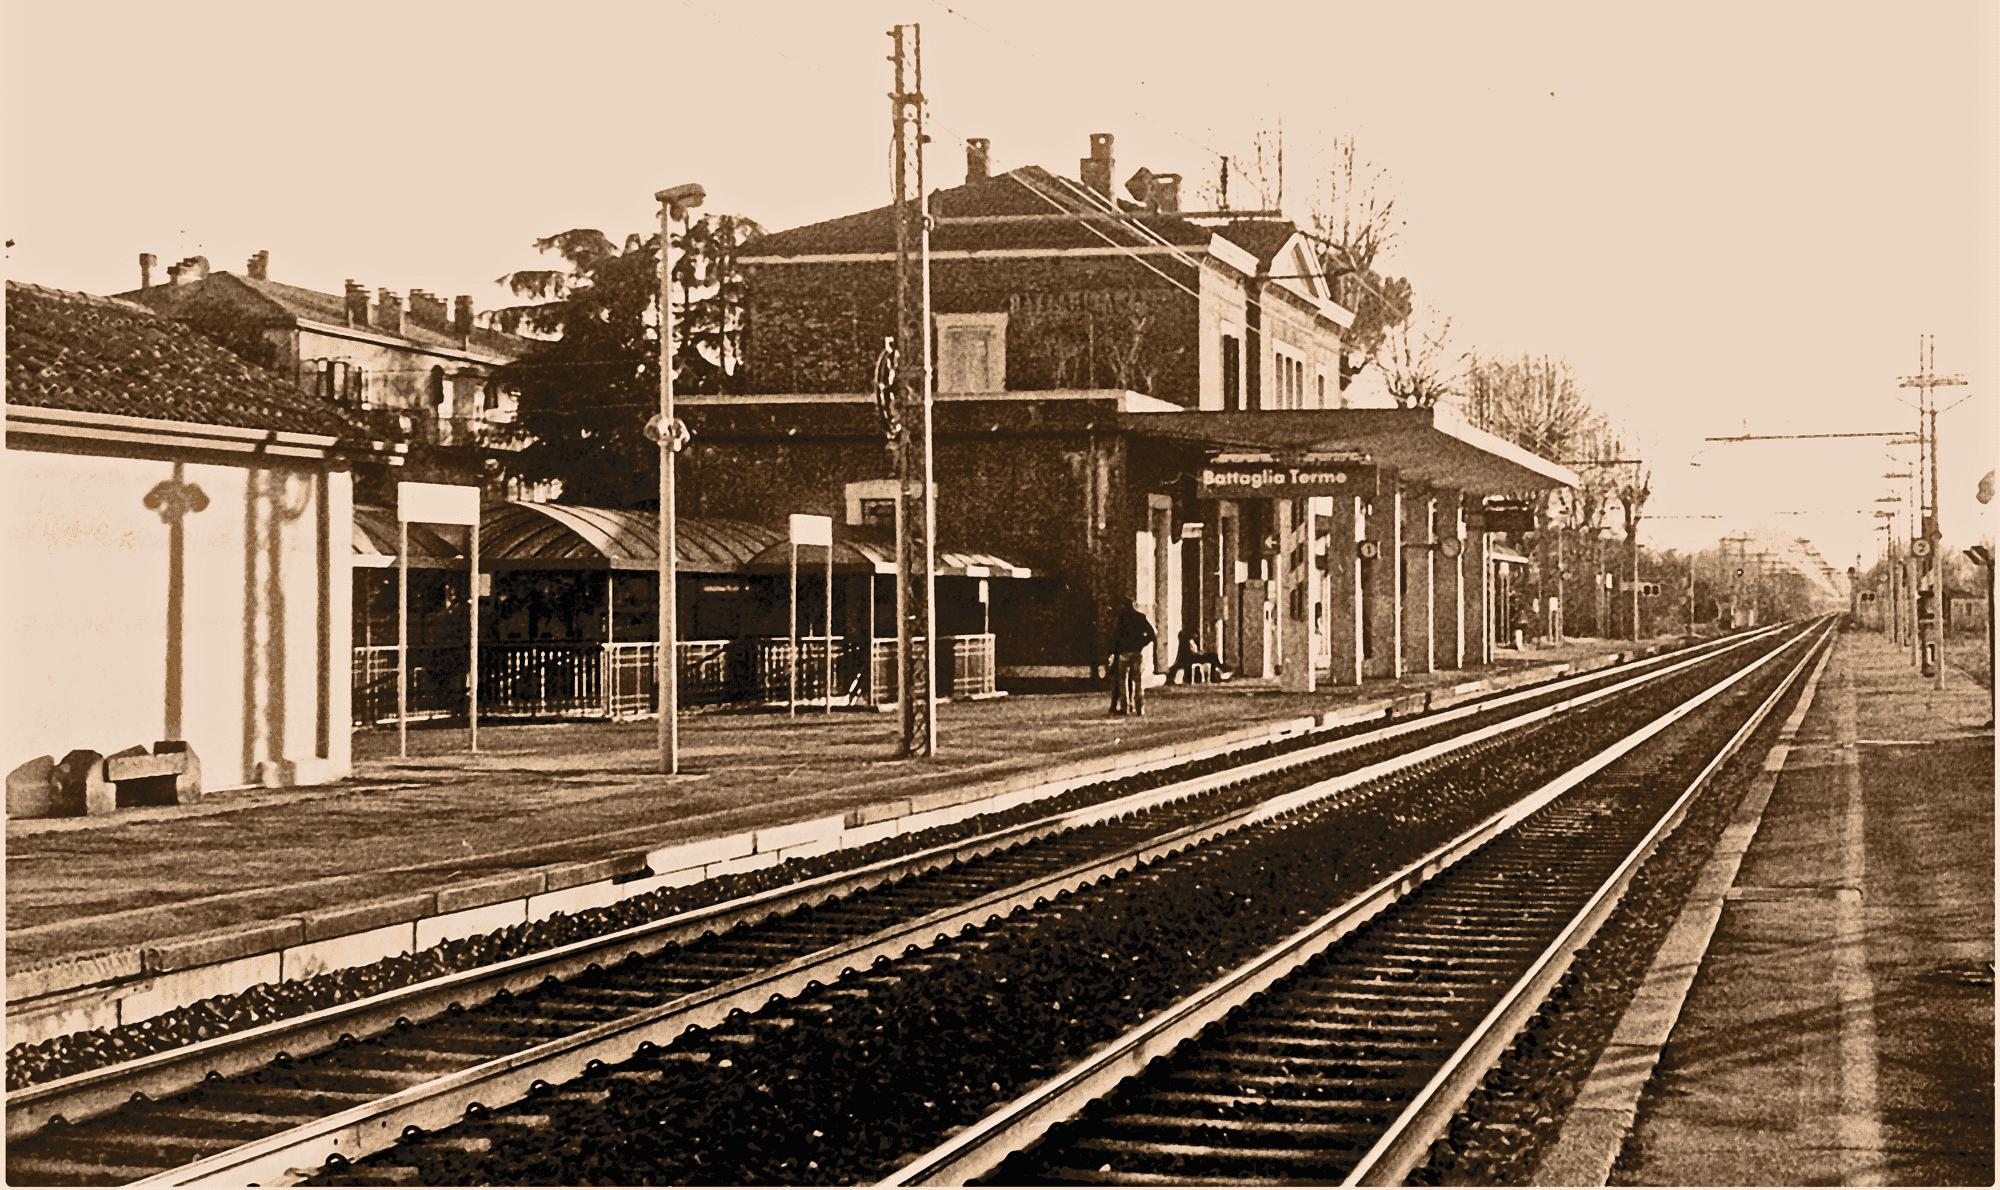 Stazione ferroviaria di Battaglia Terme (PD)